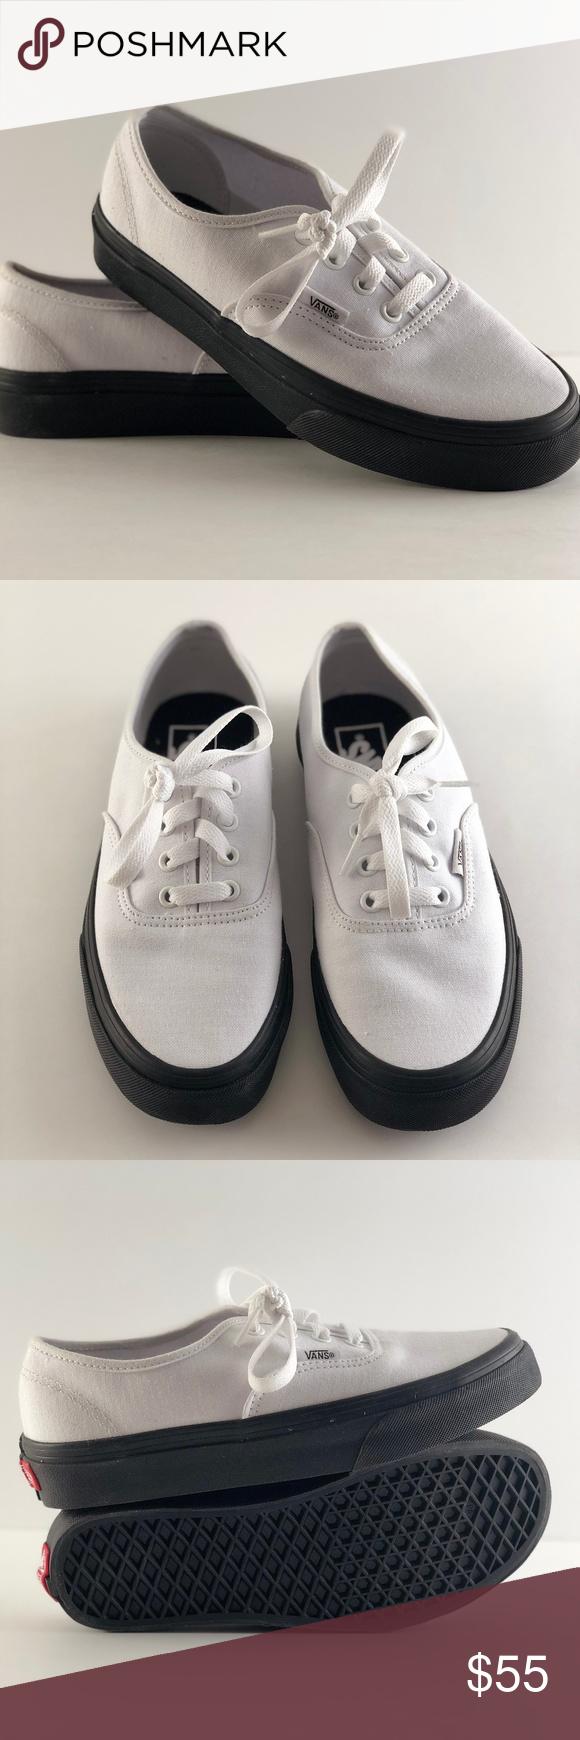 590193b3b1 Vans Authentic Black Outsole True White Skate Vans Authentic Black Outsole  True White Skate Shoes New